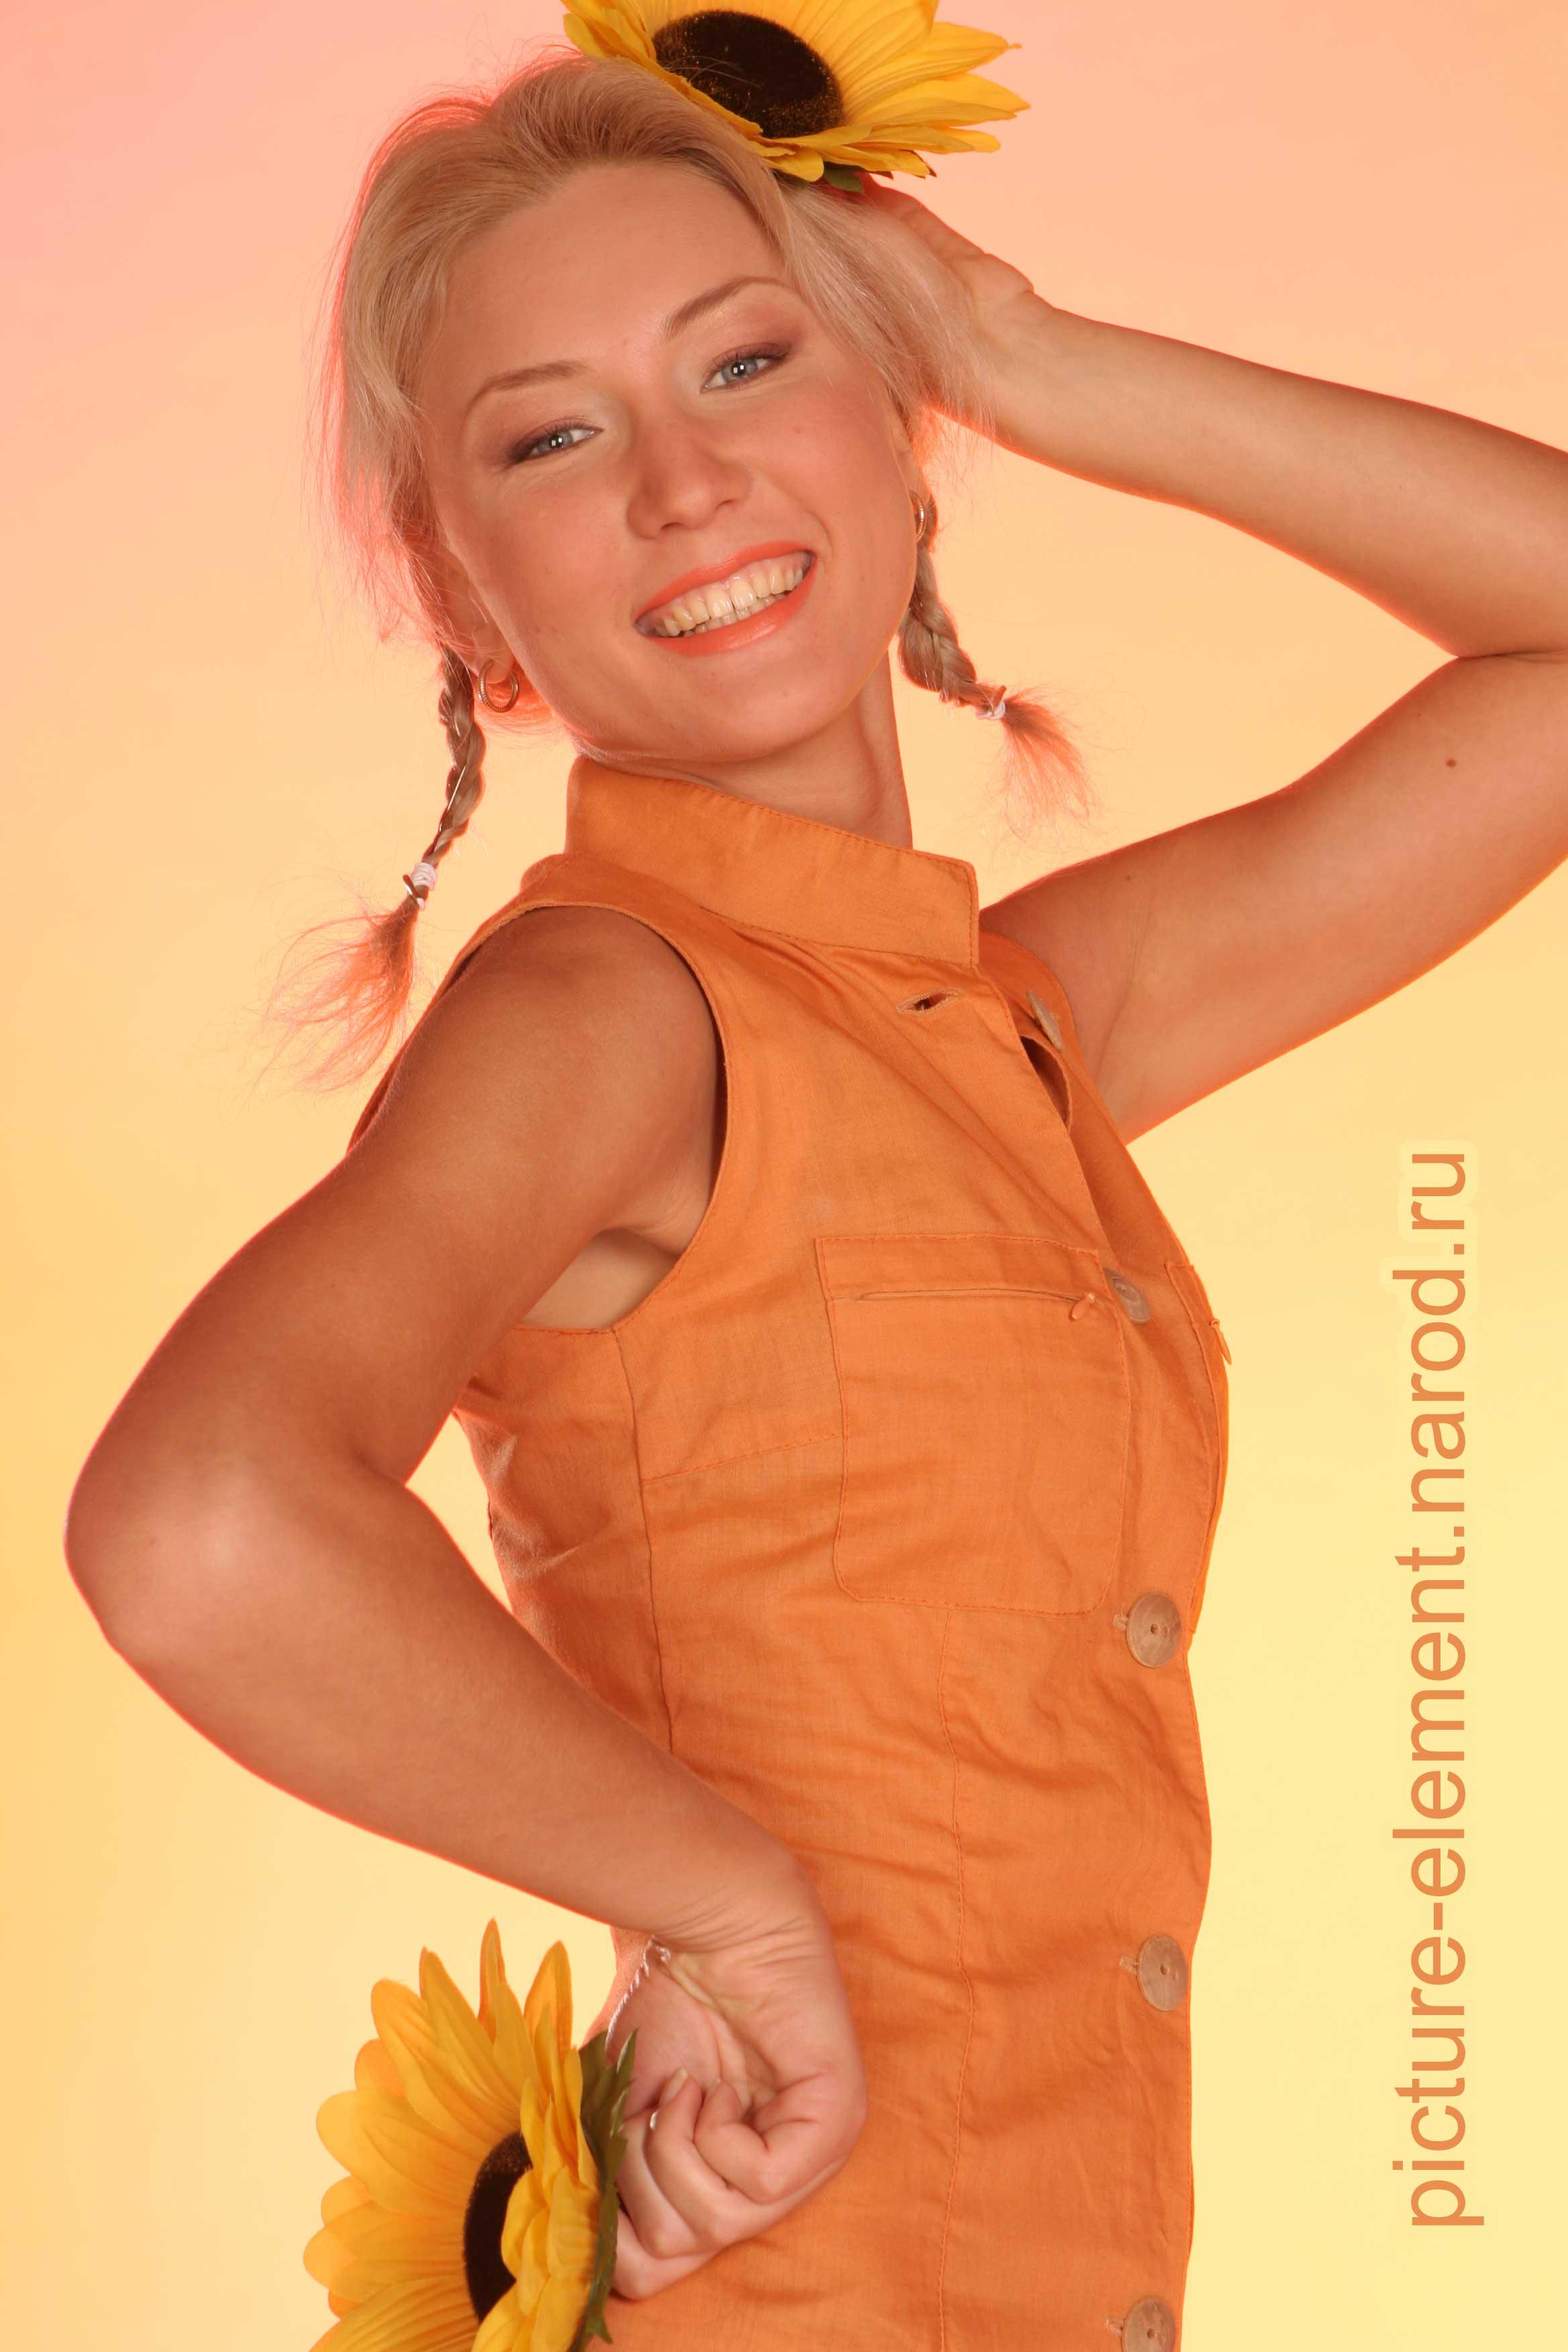 Личные фото девушек в большом разрешении фото 488-975